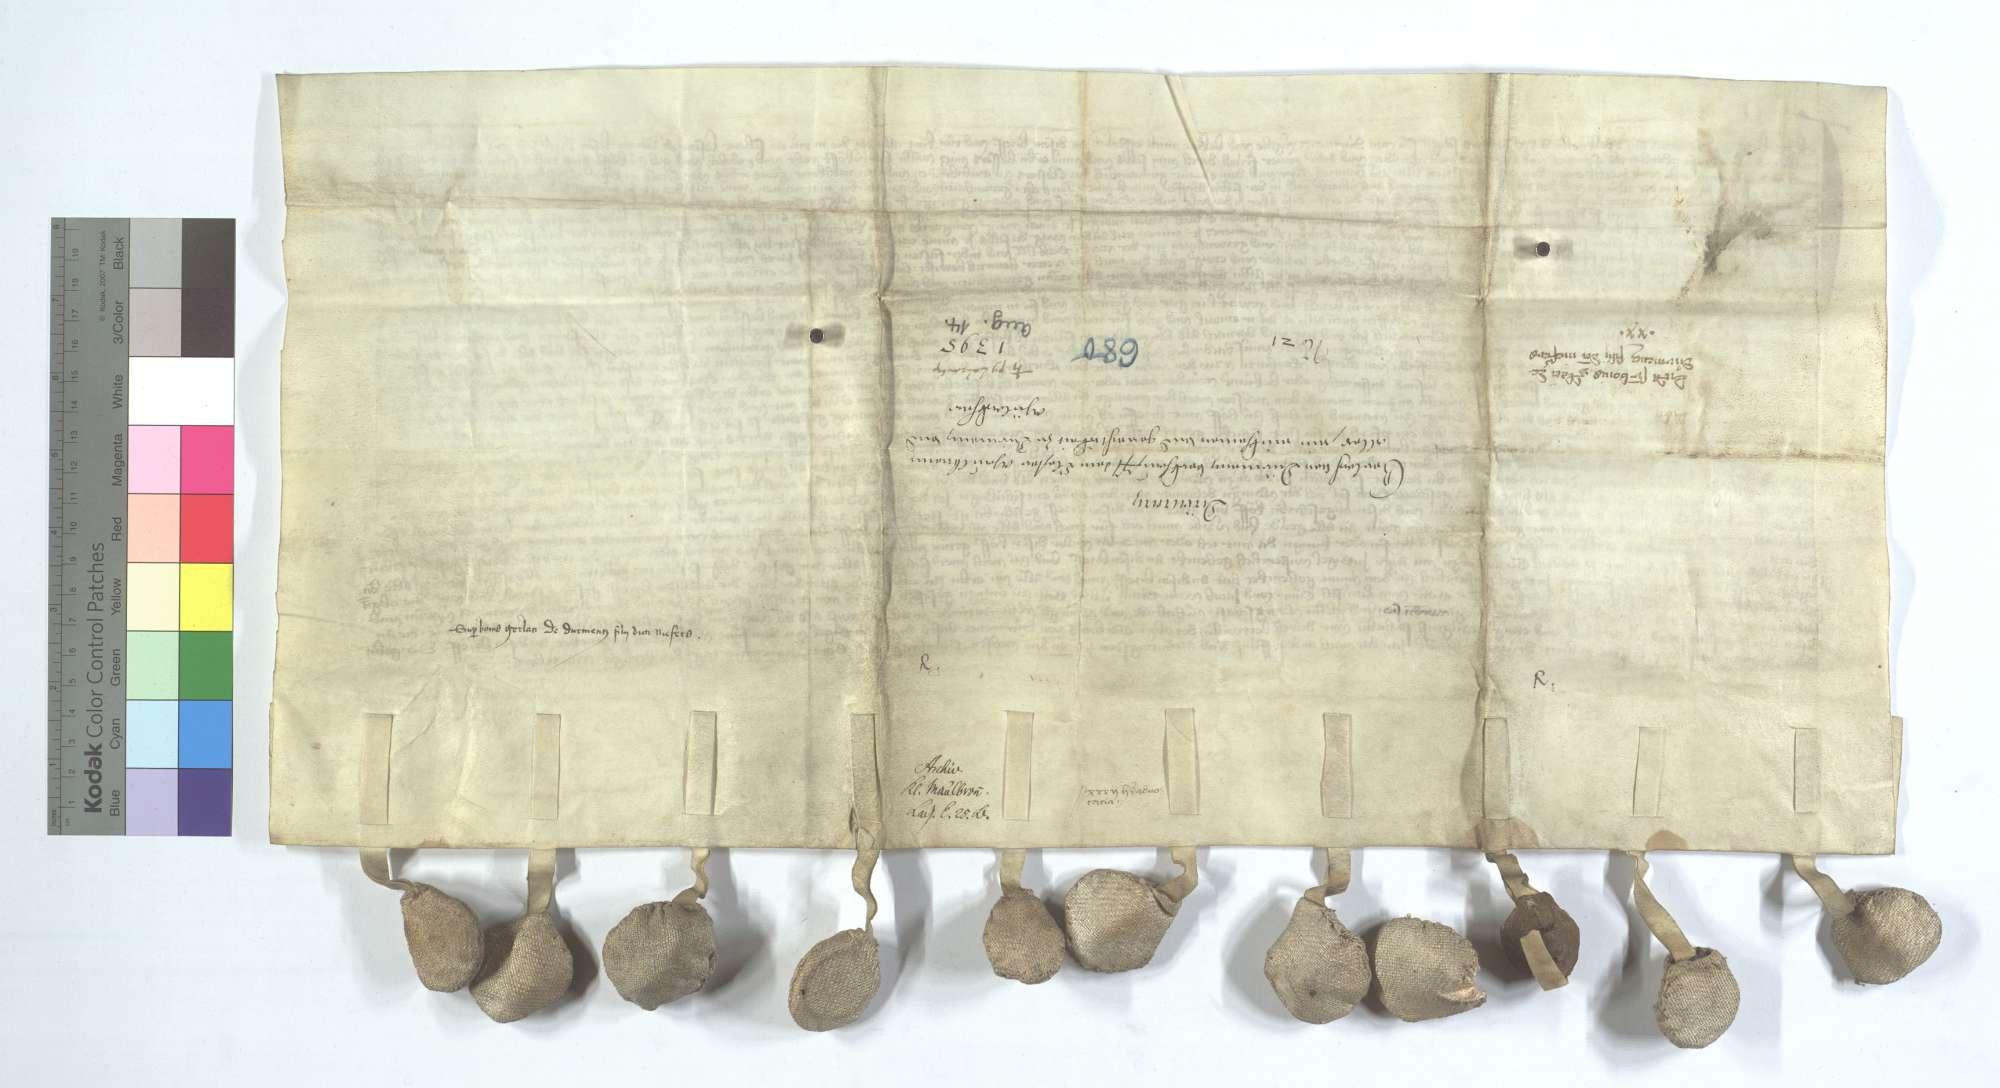 Gerlach von Dürrmenz verkauft dem Kloster Maulbronn all sein Einkommen und Gerechtsame zu Dürrmenz und Mühlacker (Mülacker)., Rückseite